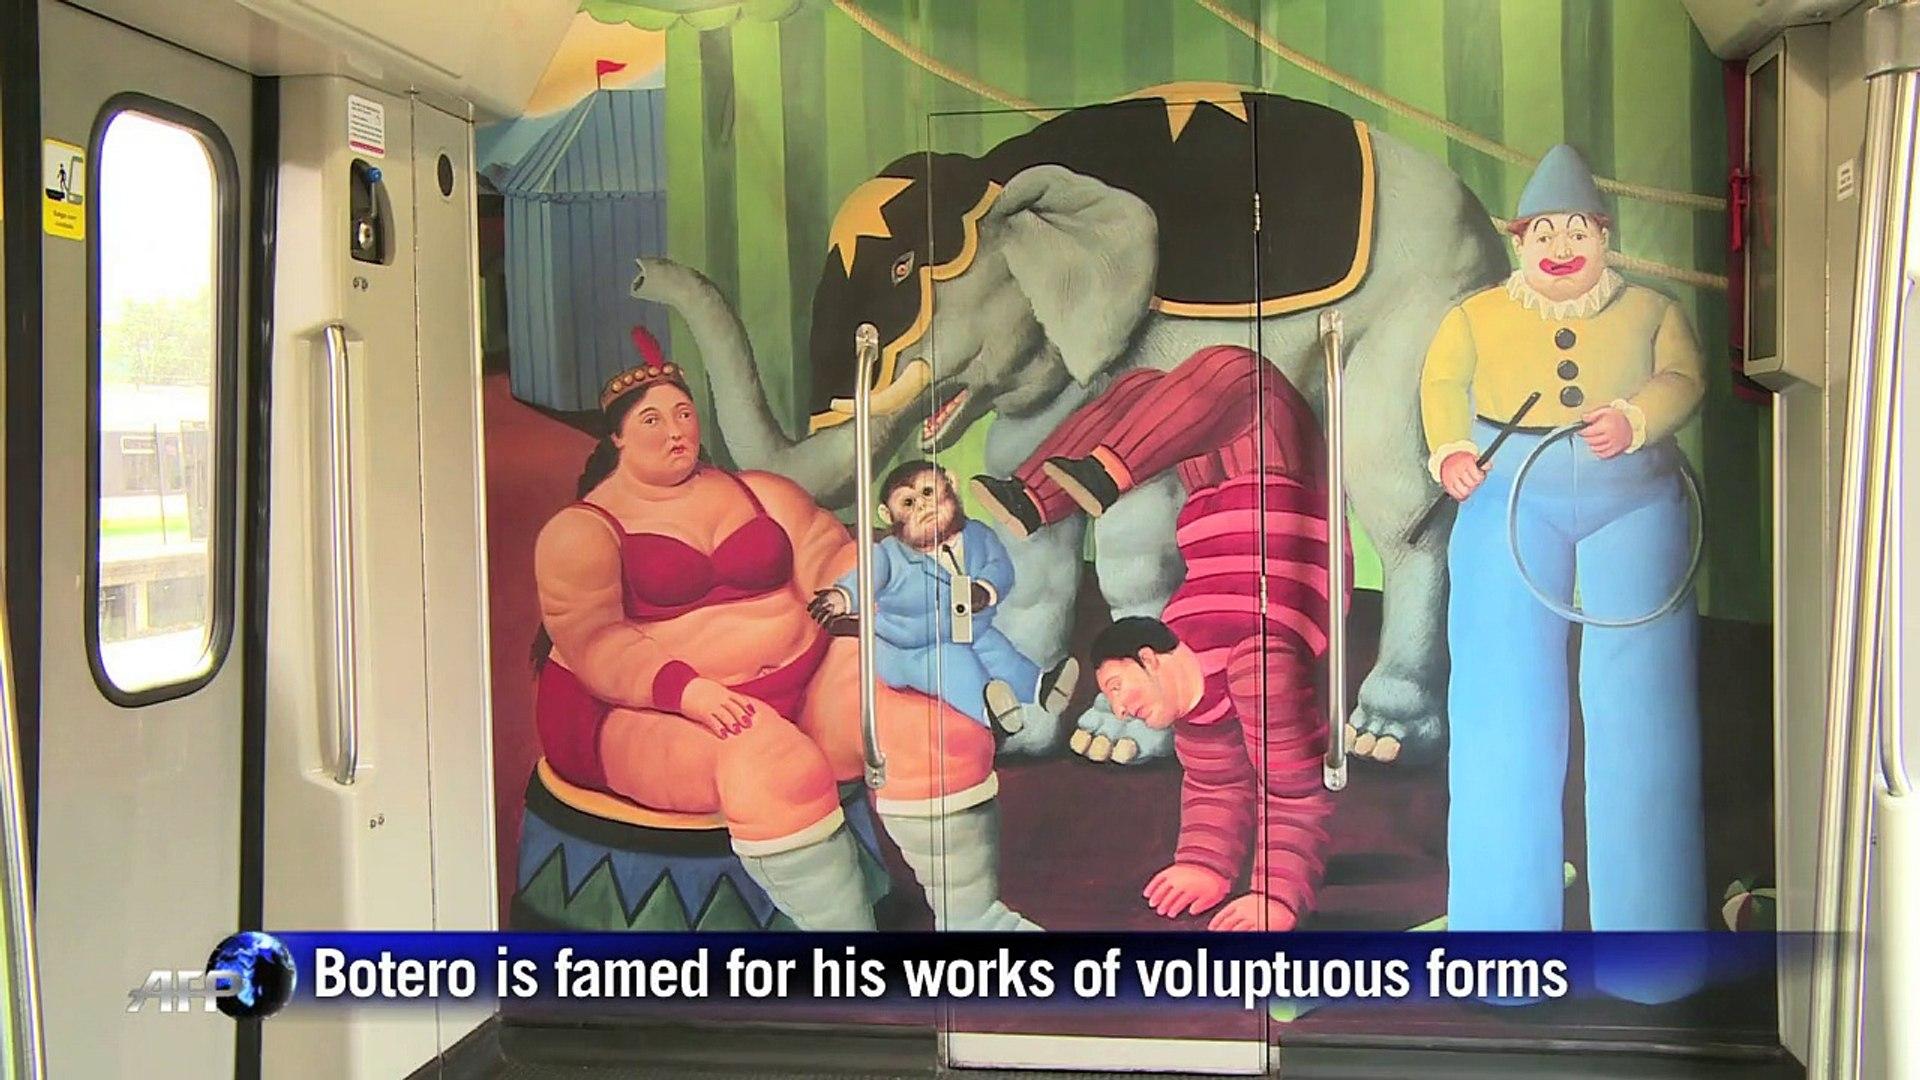 Colombia's Botero opens circus exhibit